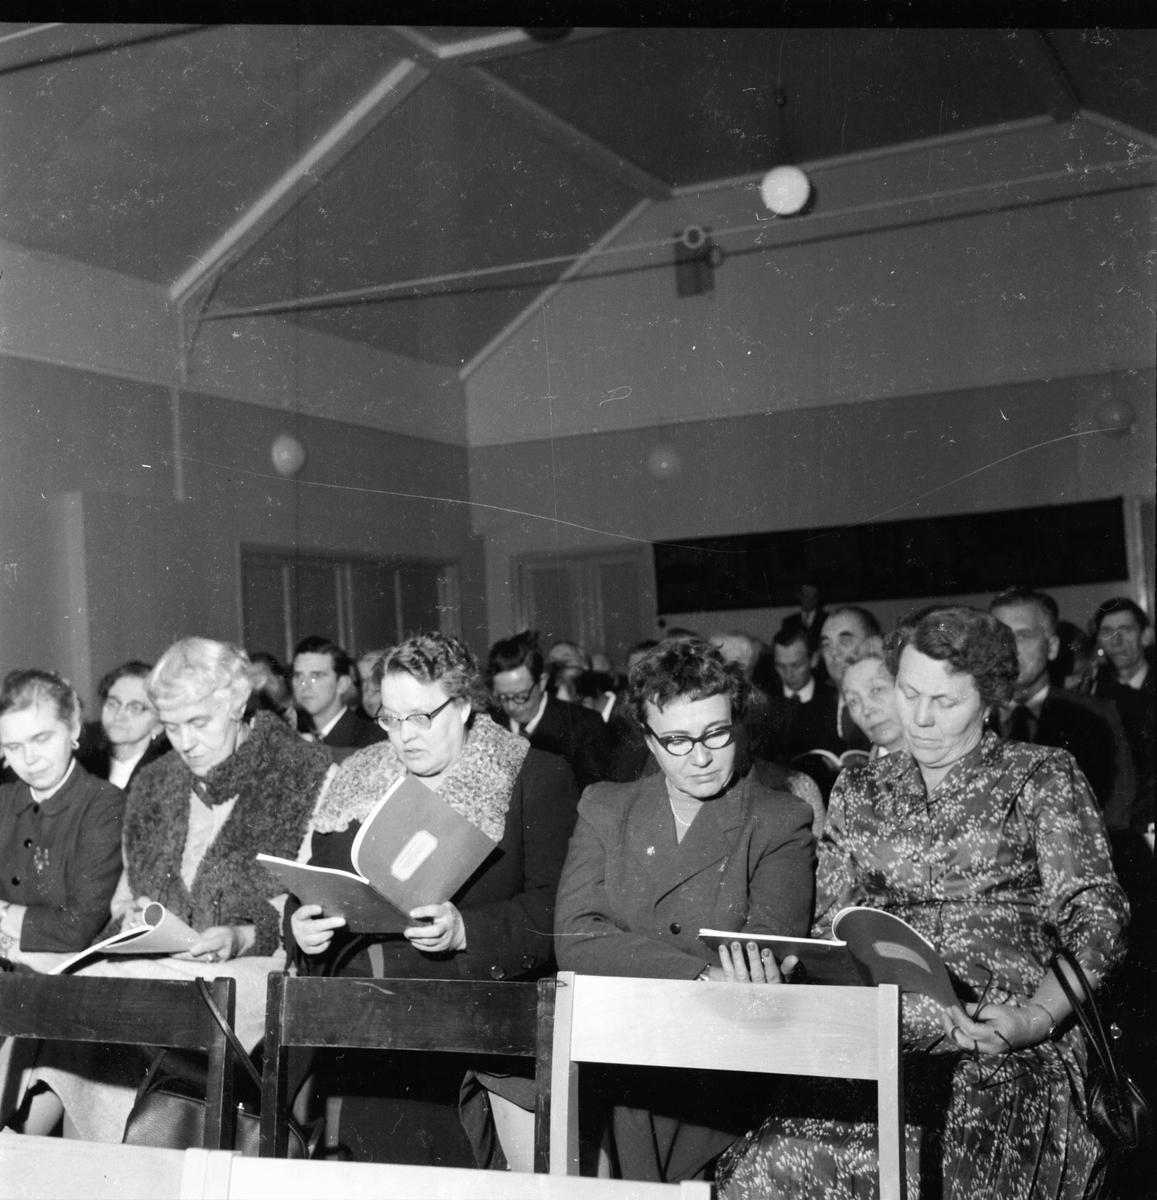 Hushållningssällskapets årsmöte i Bollnäs. 4/12 1957